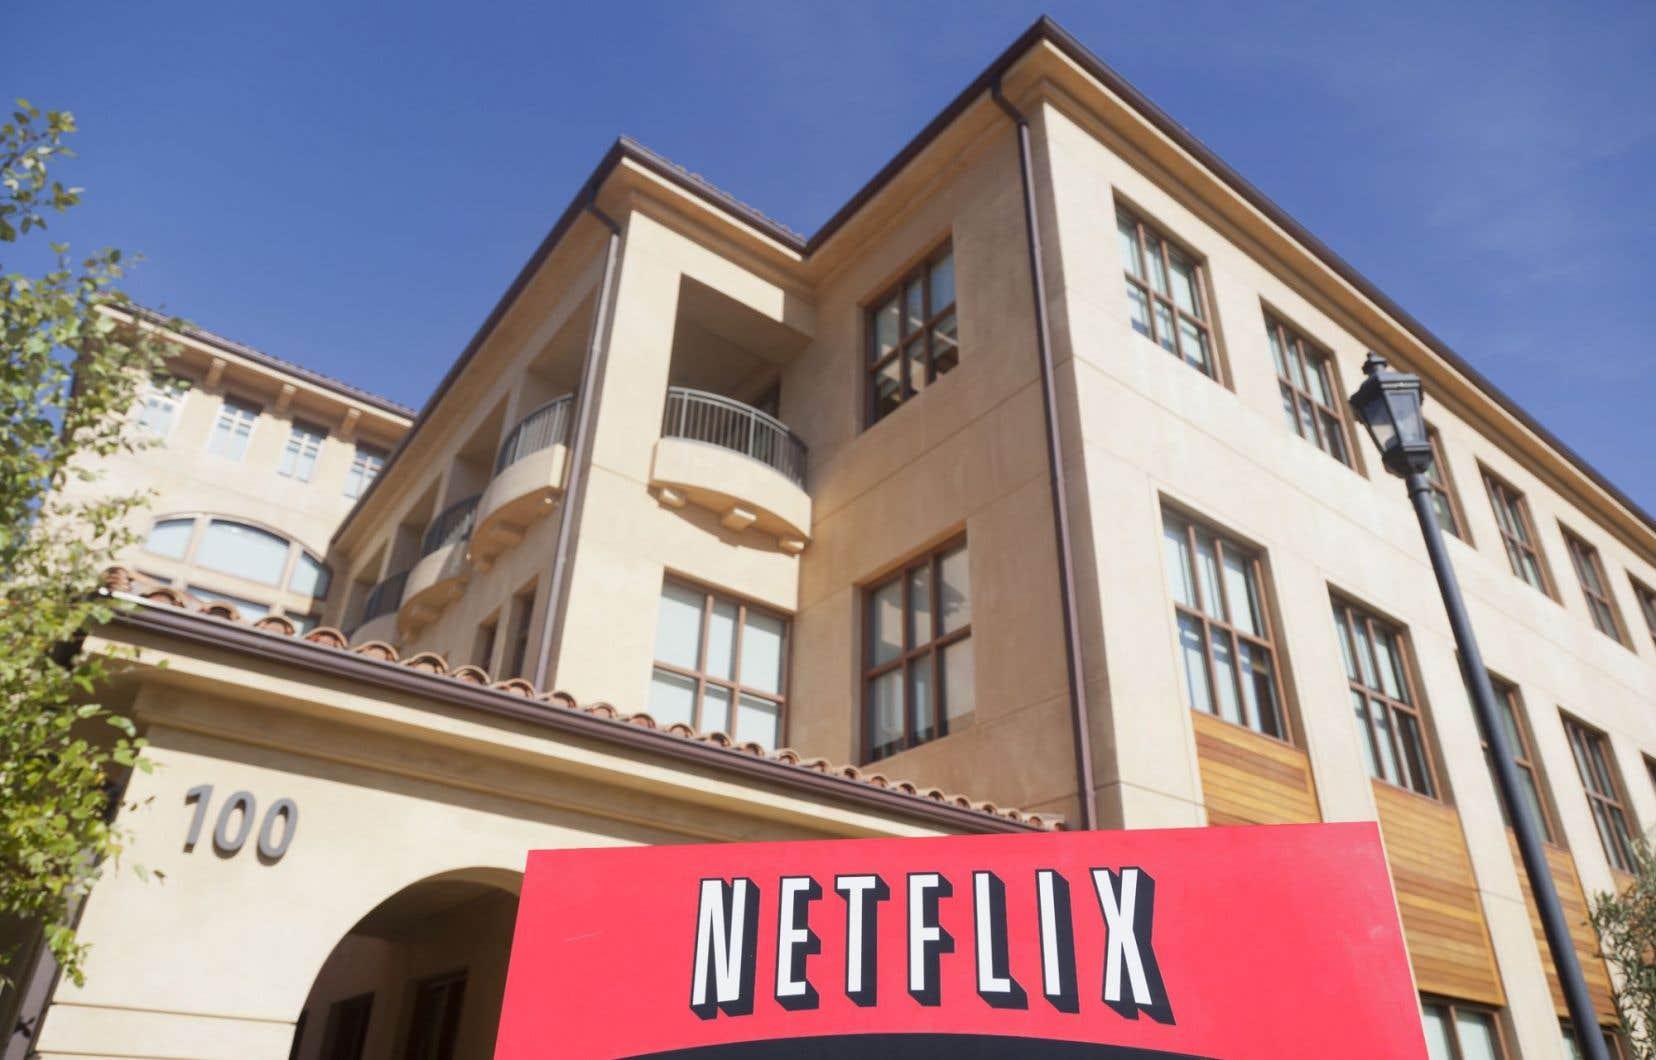 L'entente qui aurait été signée ne concerne que Netflix.